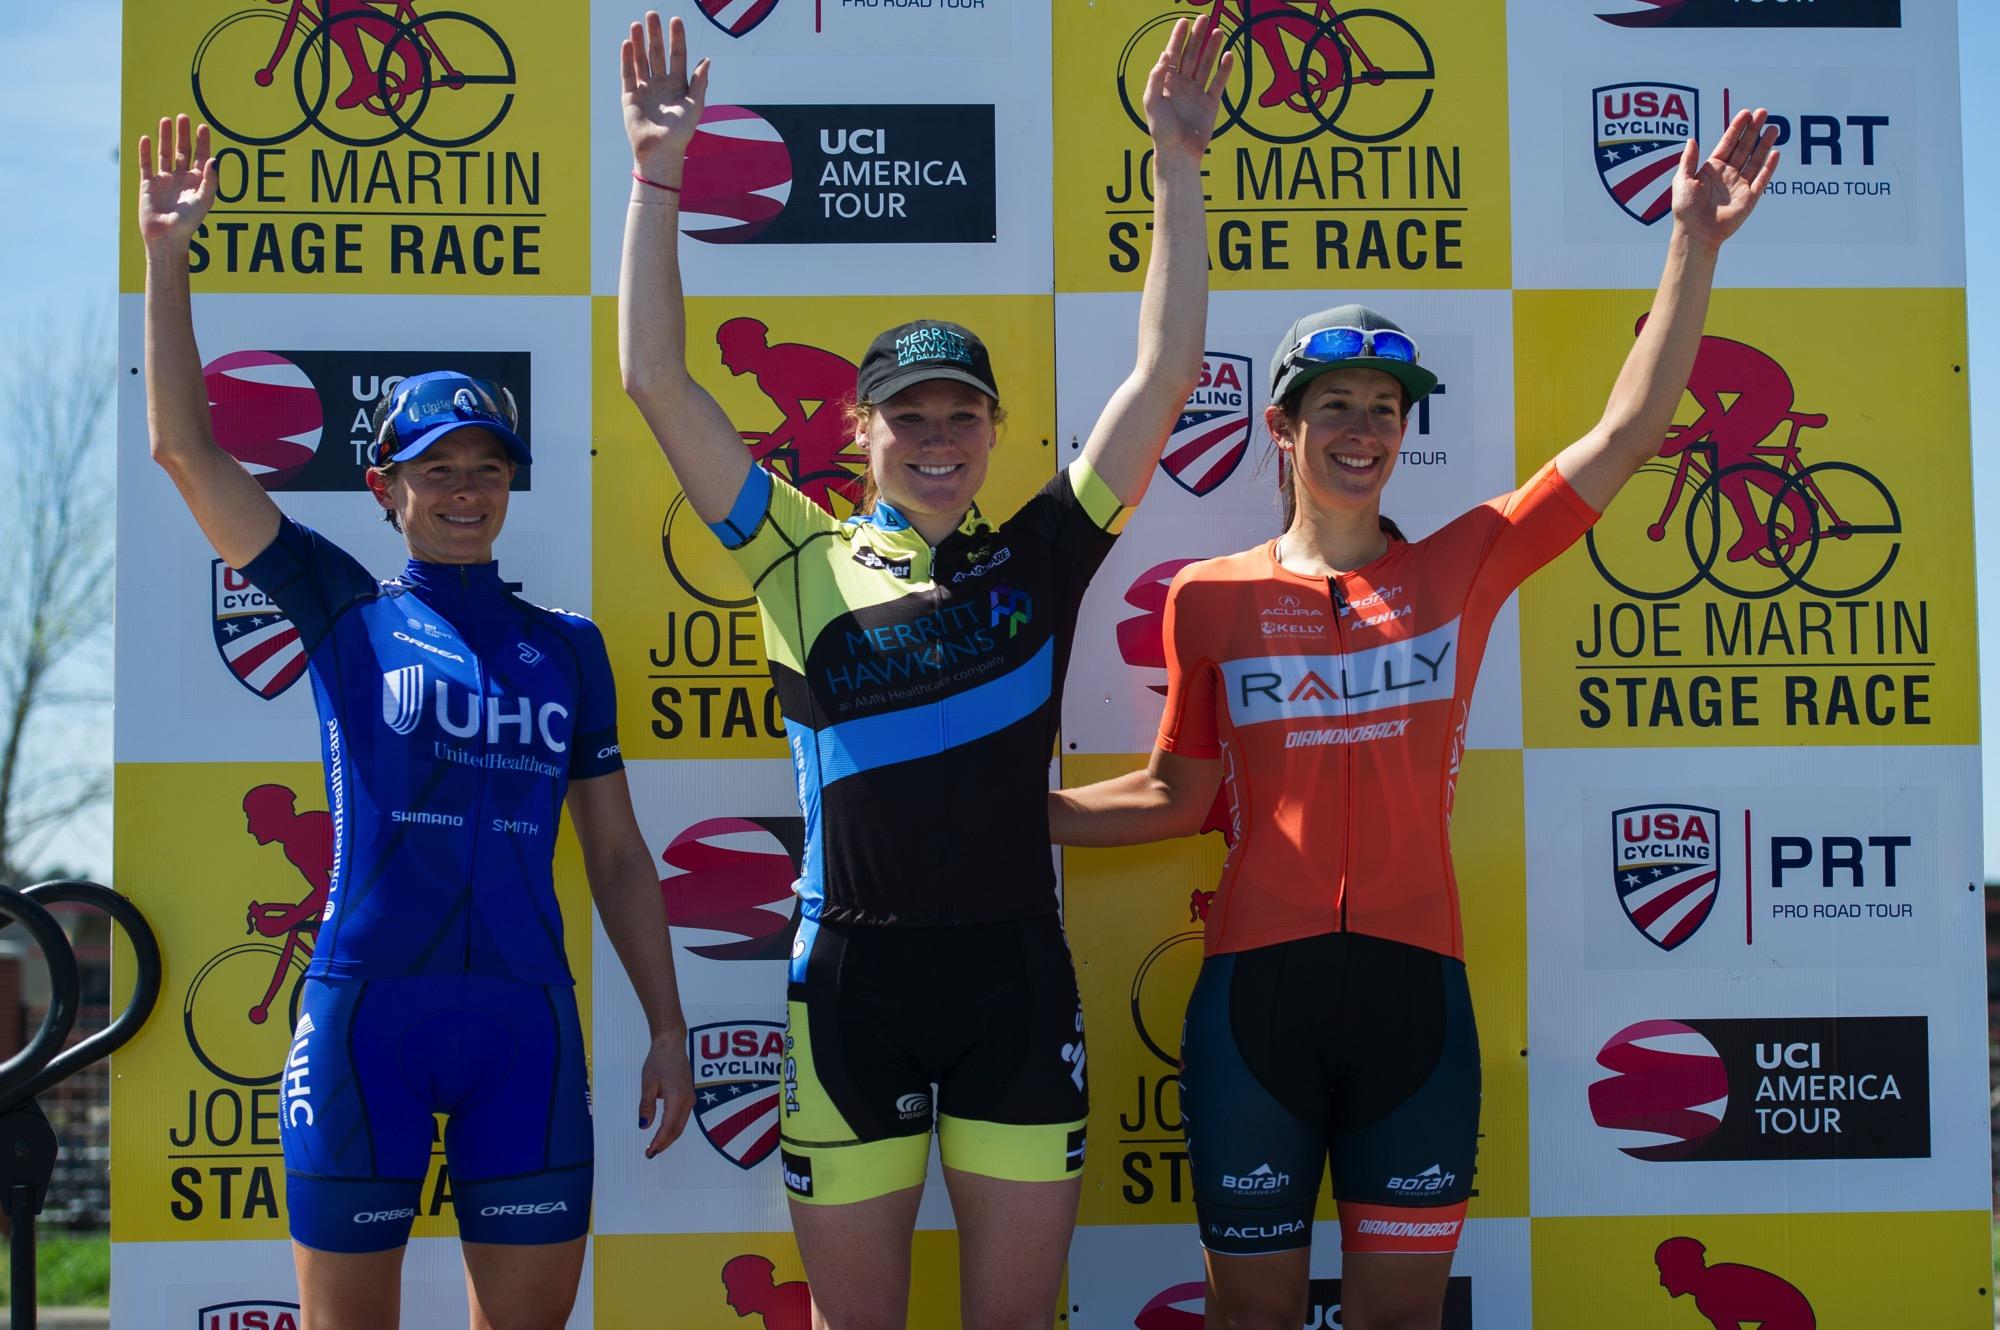 Il podio della terza tappa della Joe Martin Stage Race (foto Ethan Glading)